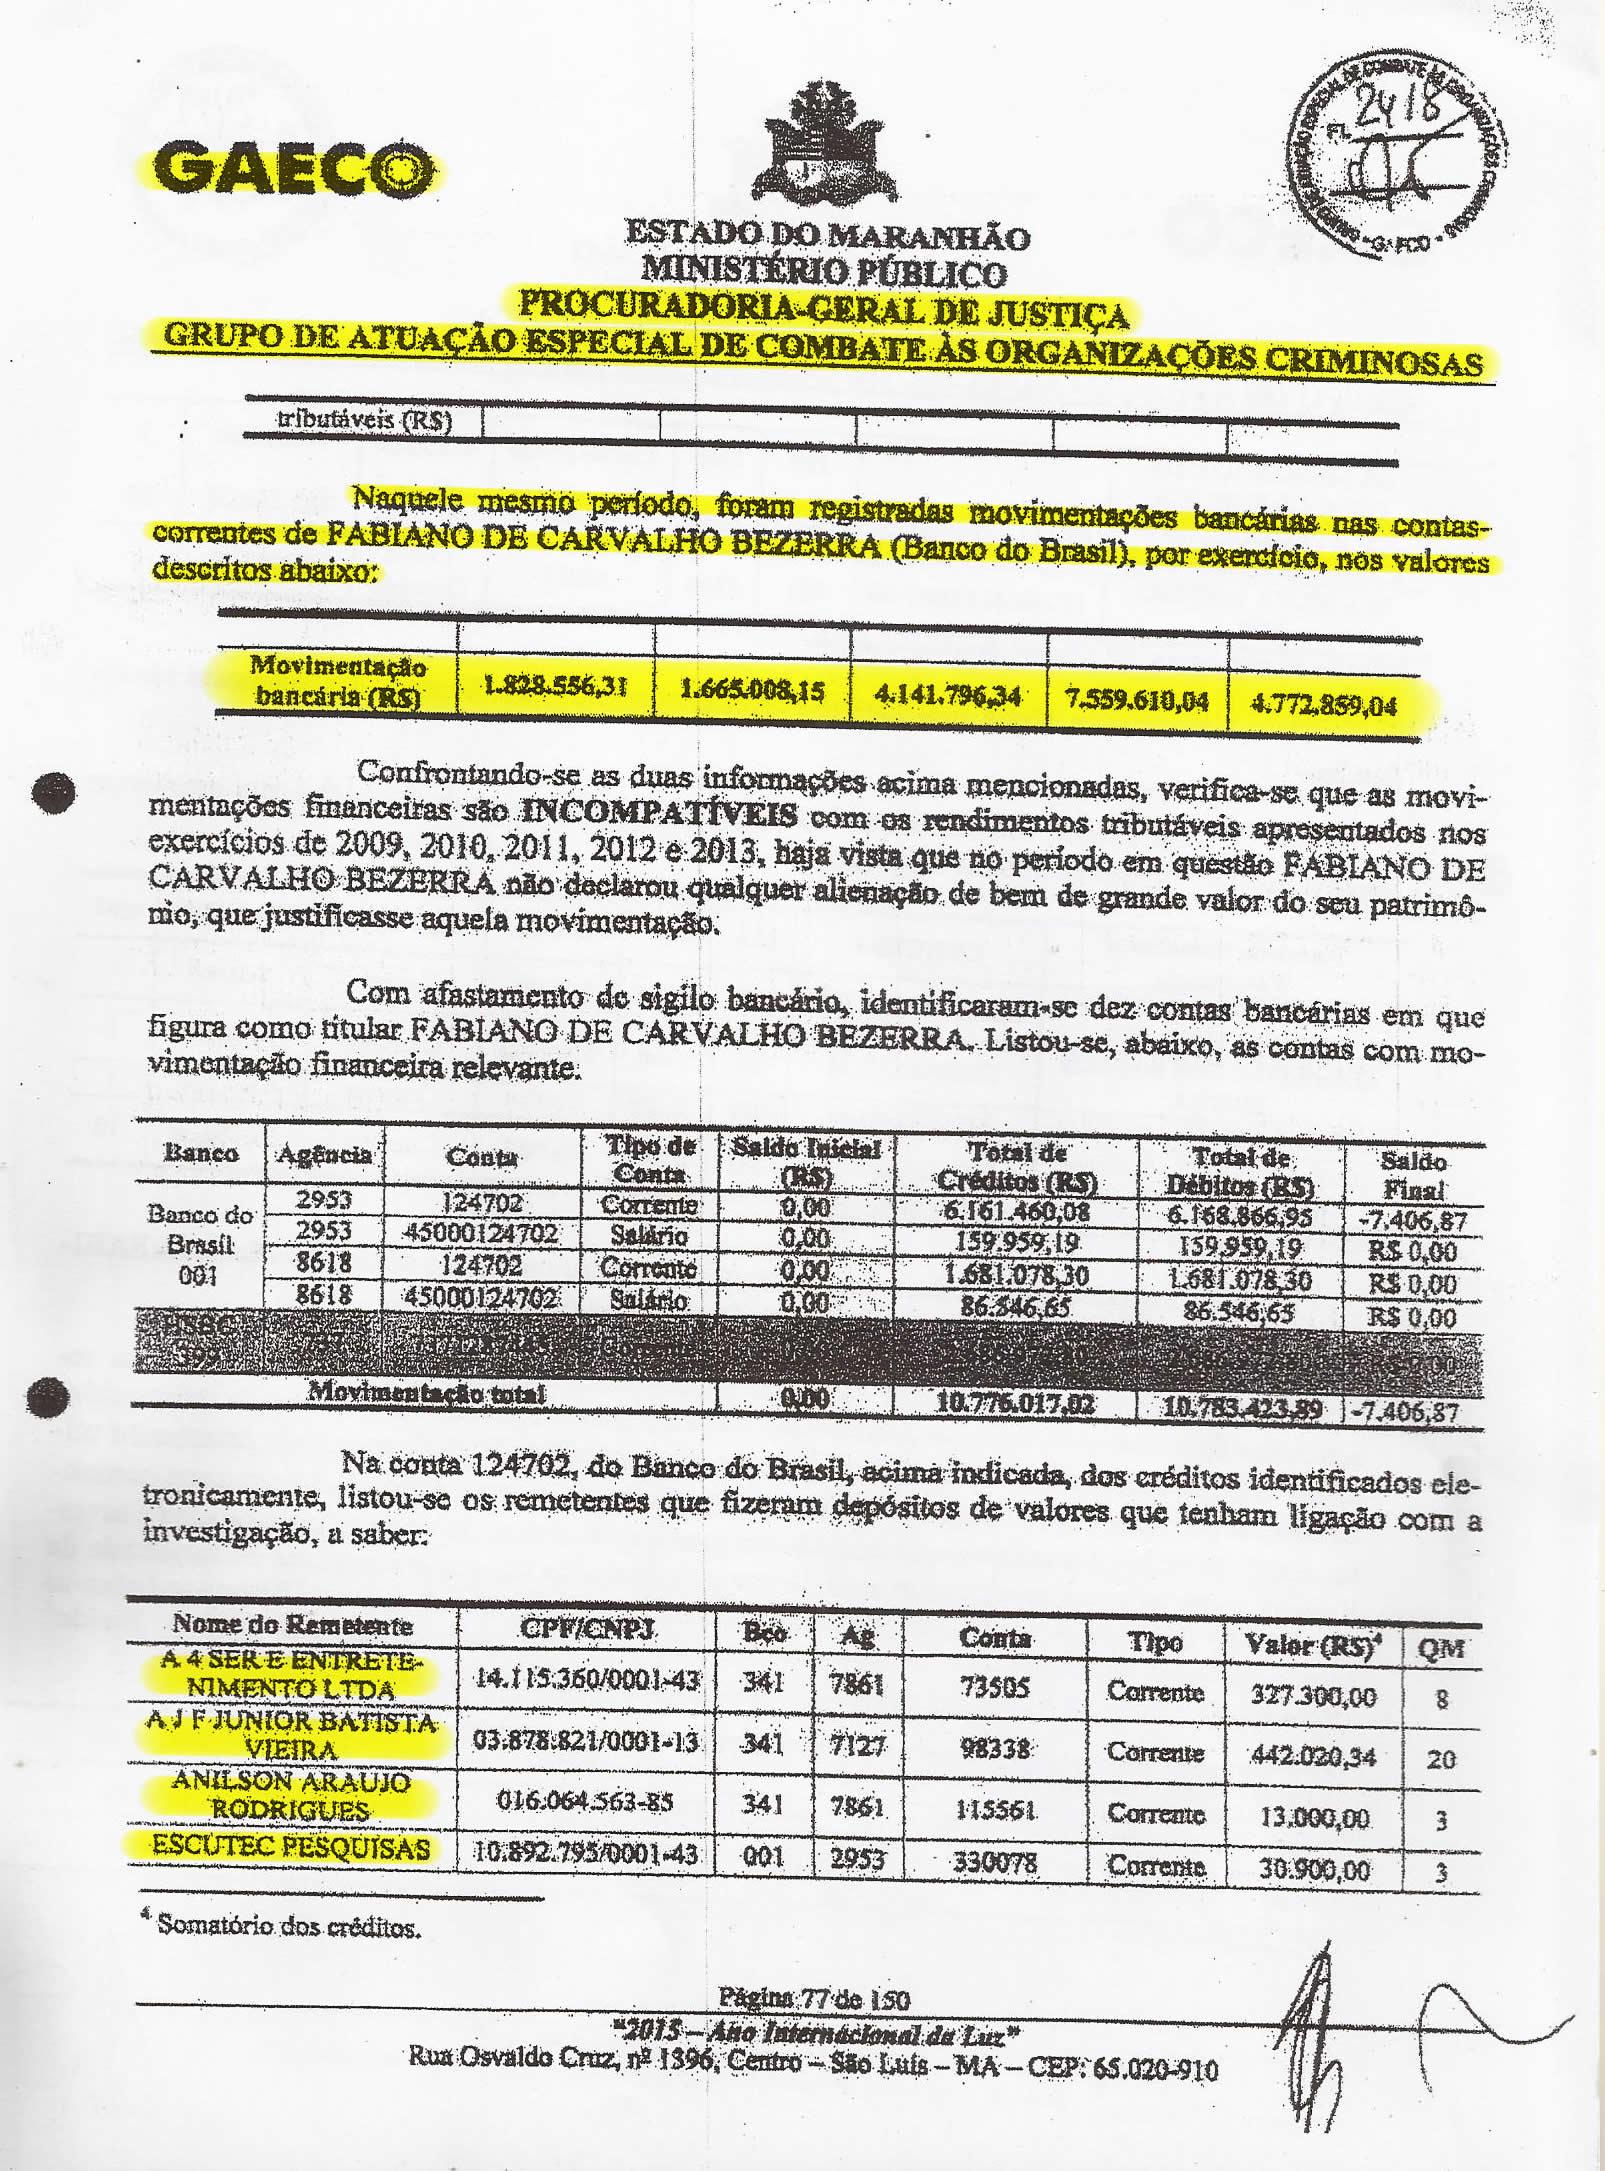 Folha 77 do PIC-Gaeco detalha quanto Fabiano Bezerra movimentou na conta do Banco do Brasil entre os anos de 2009 e 2013